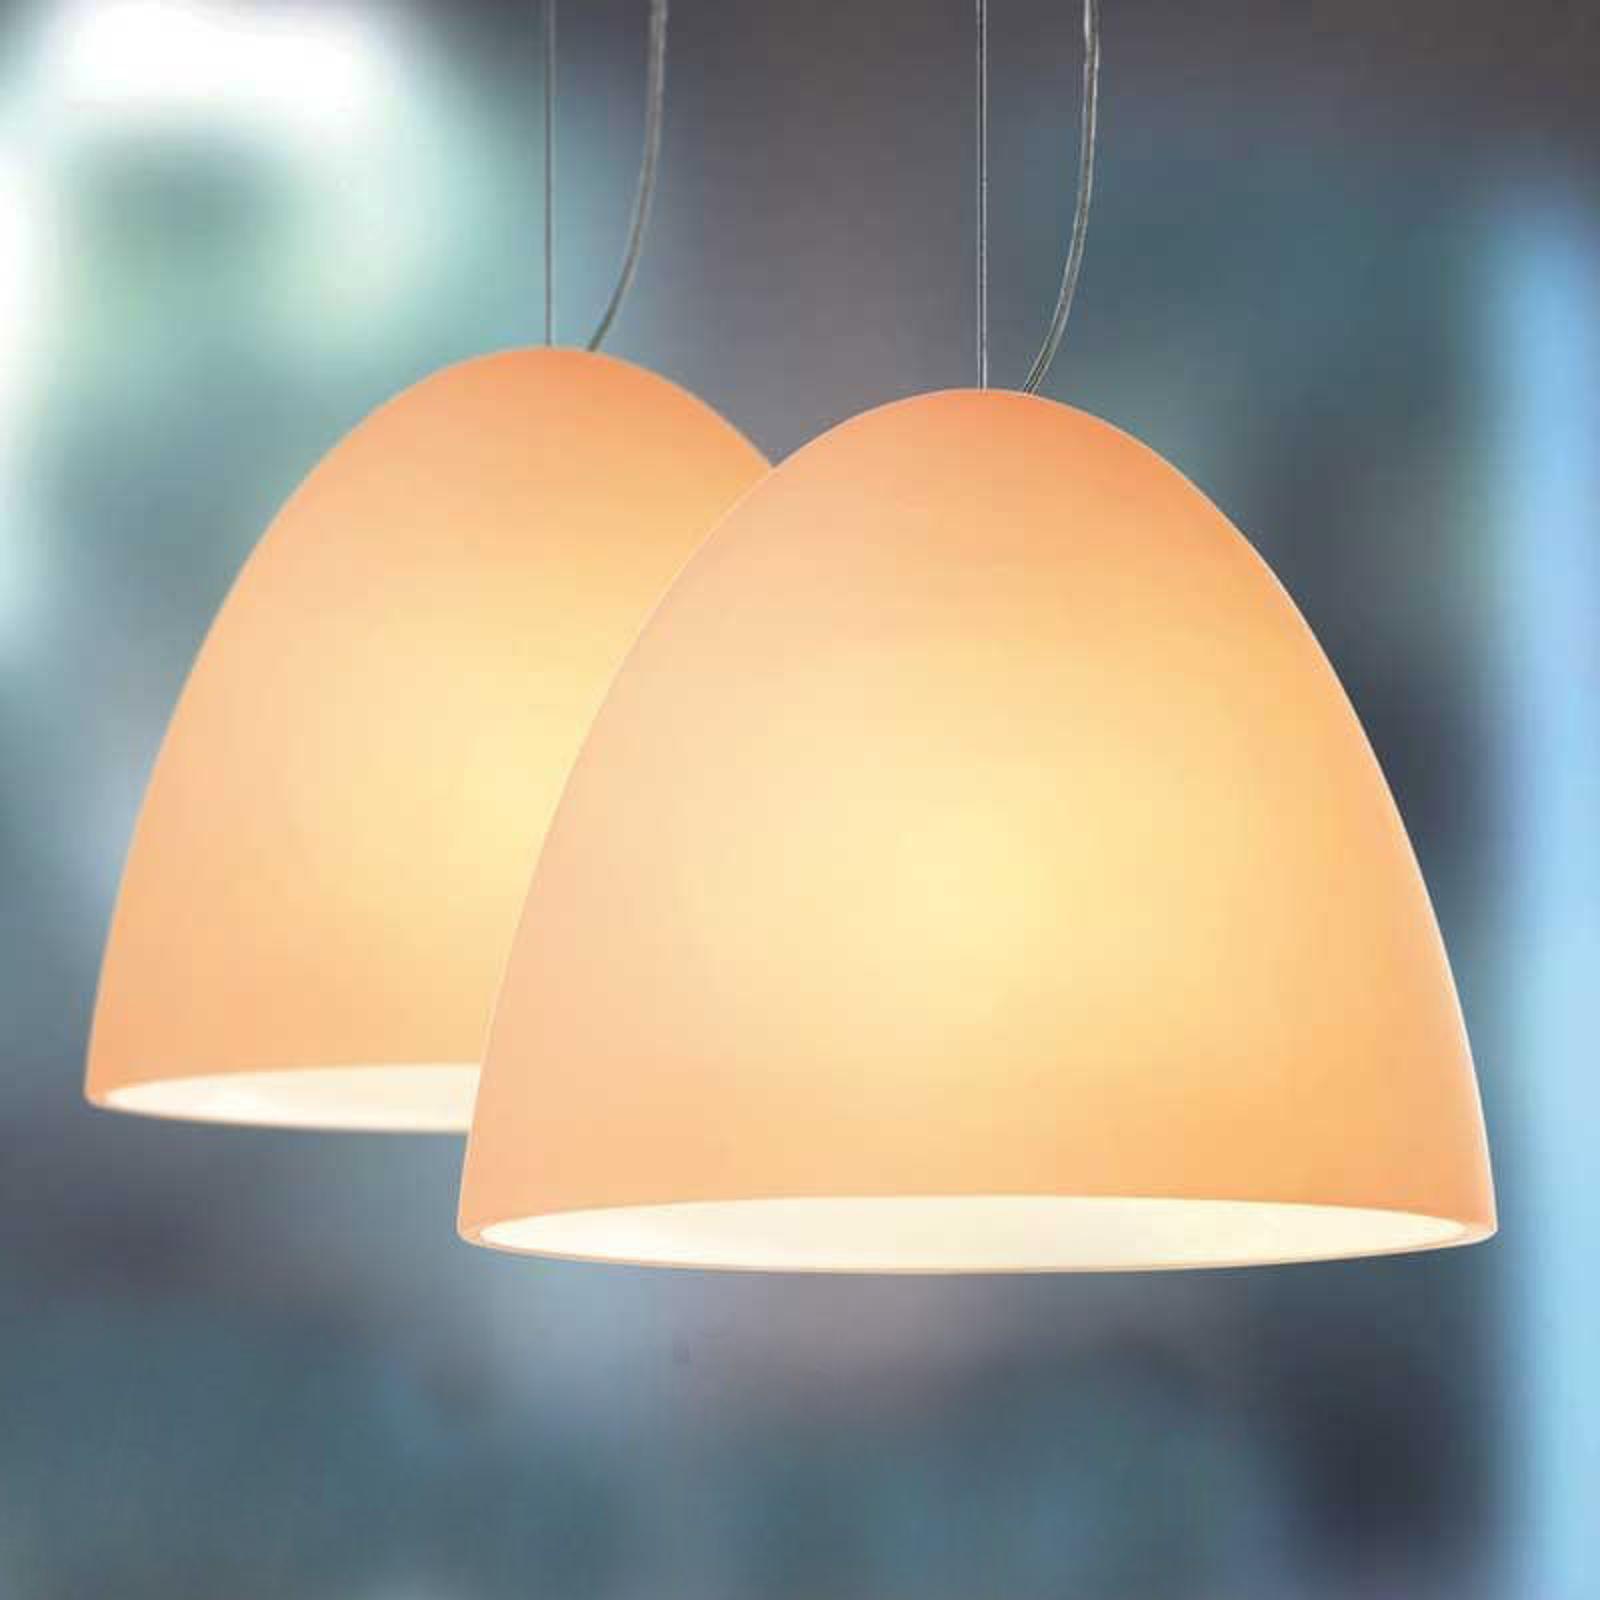 Hængelampe BELL 21 cm, sandfarvet, med 2 lyskilde